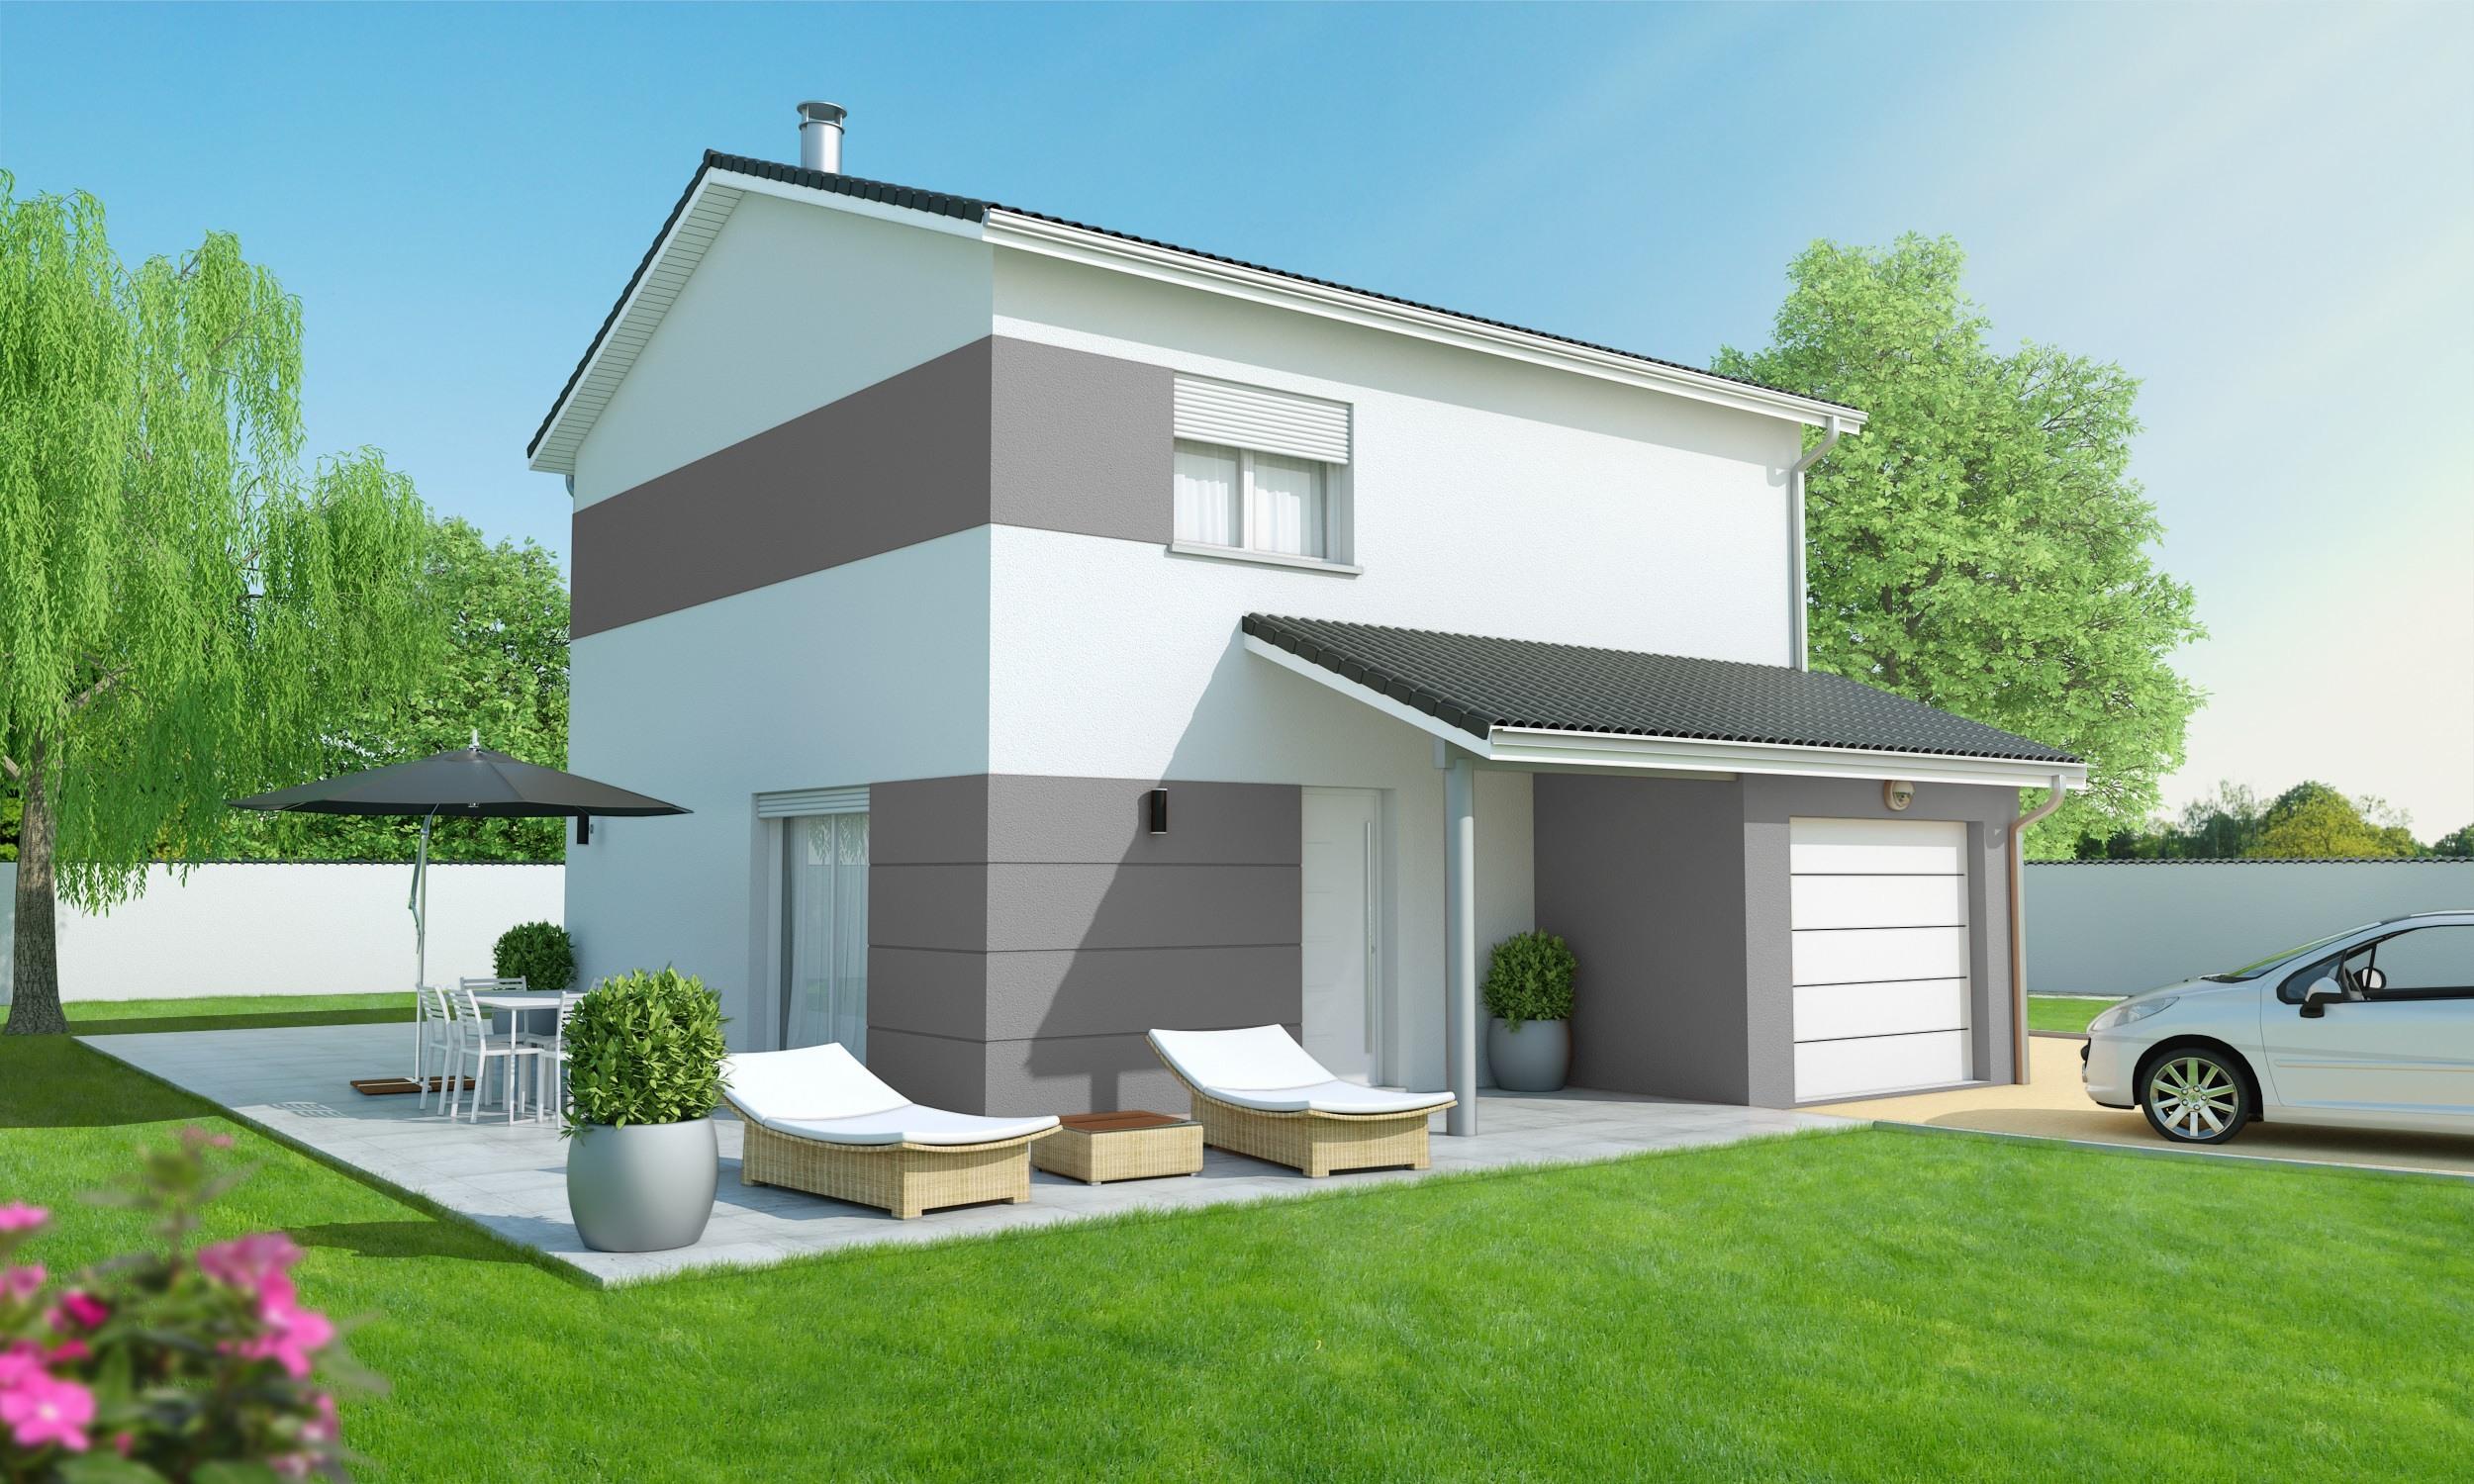 Maisons + Terrains du constructeur MAISONS AXIAL • 110 m² • SAINT VERAND